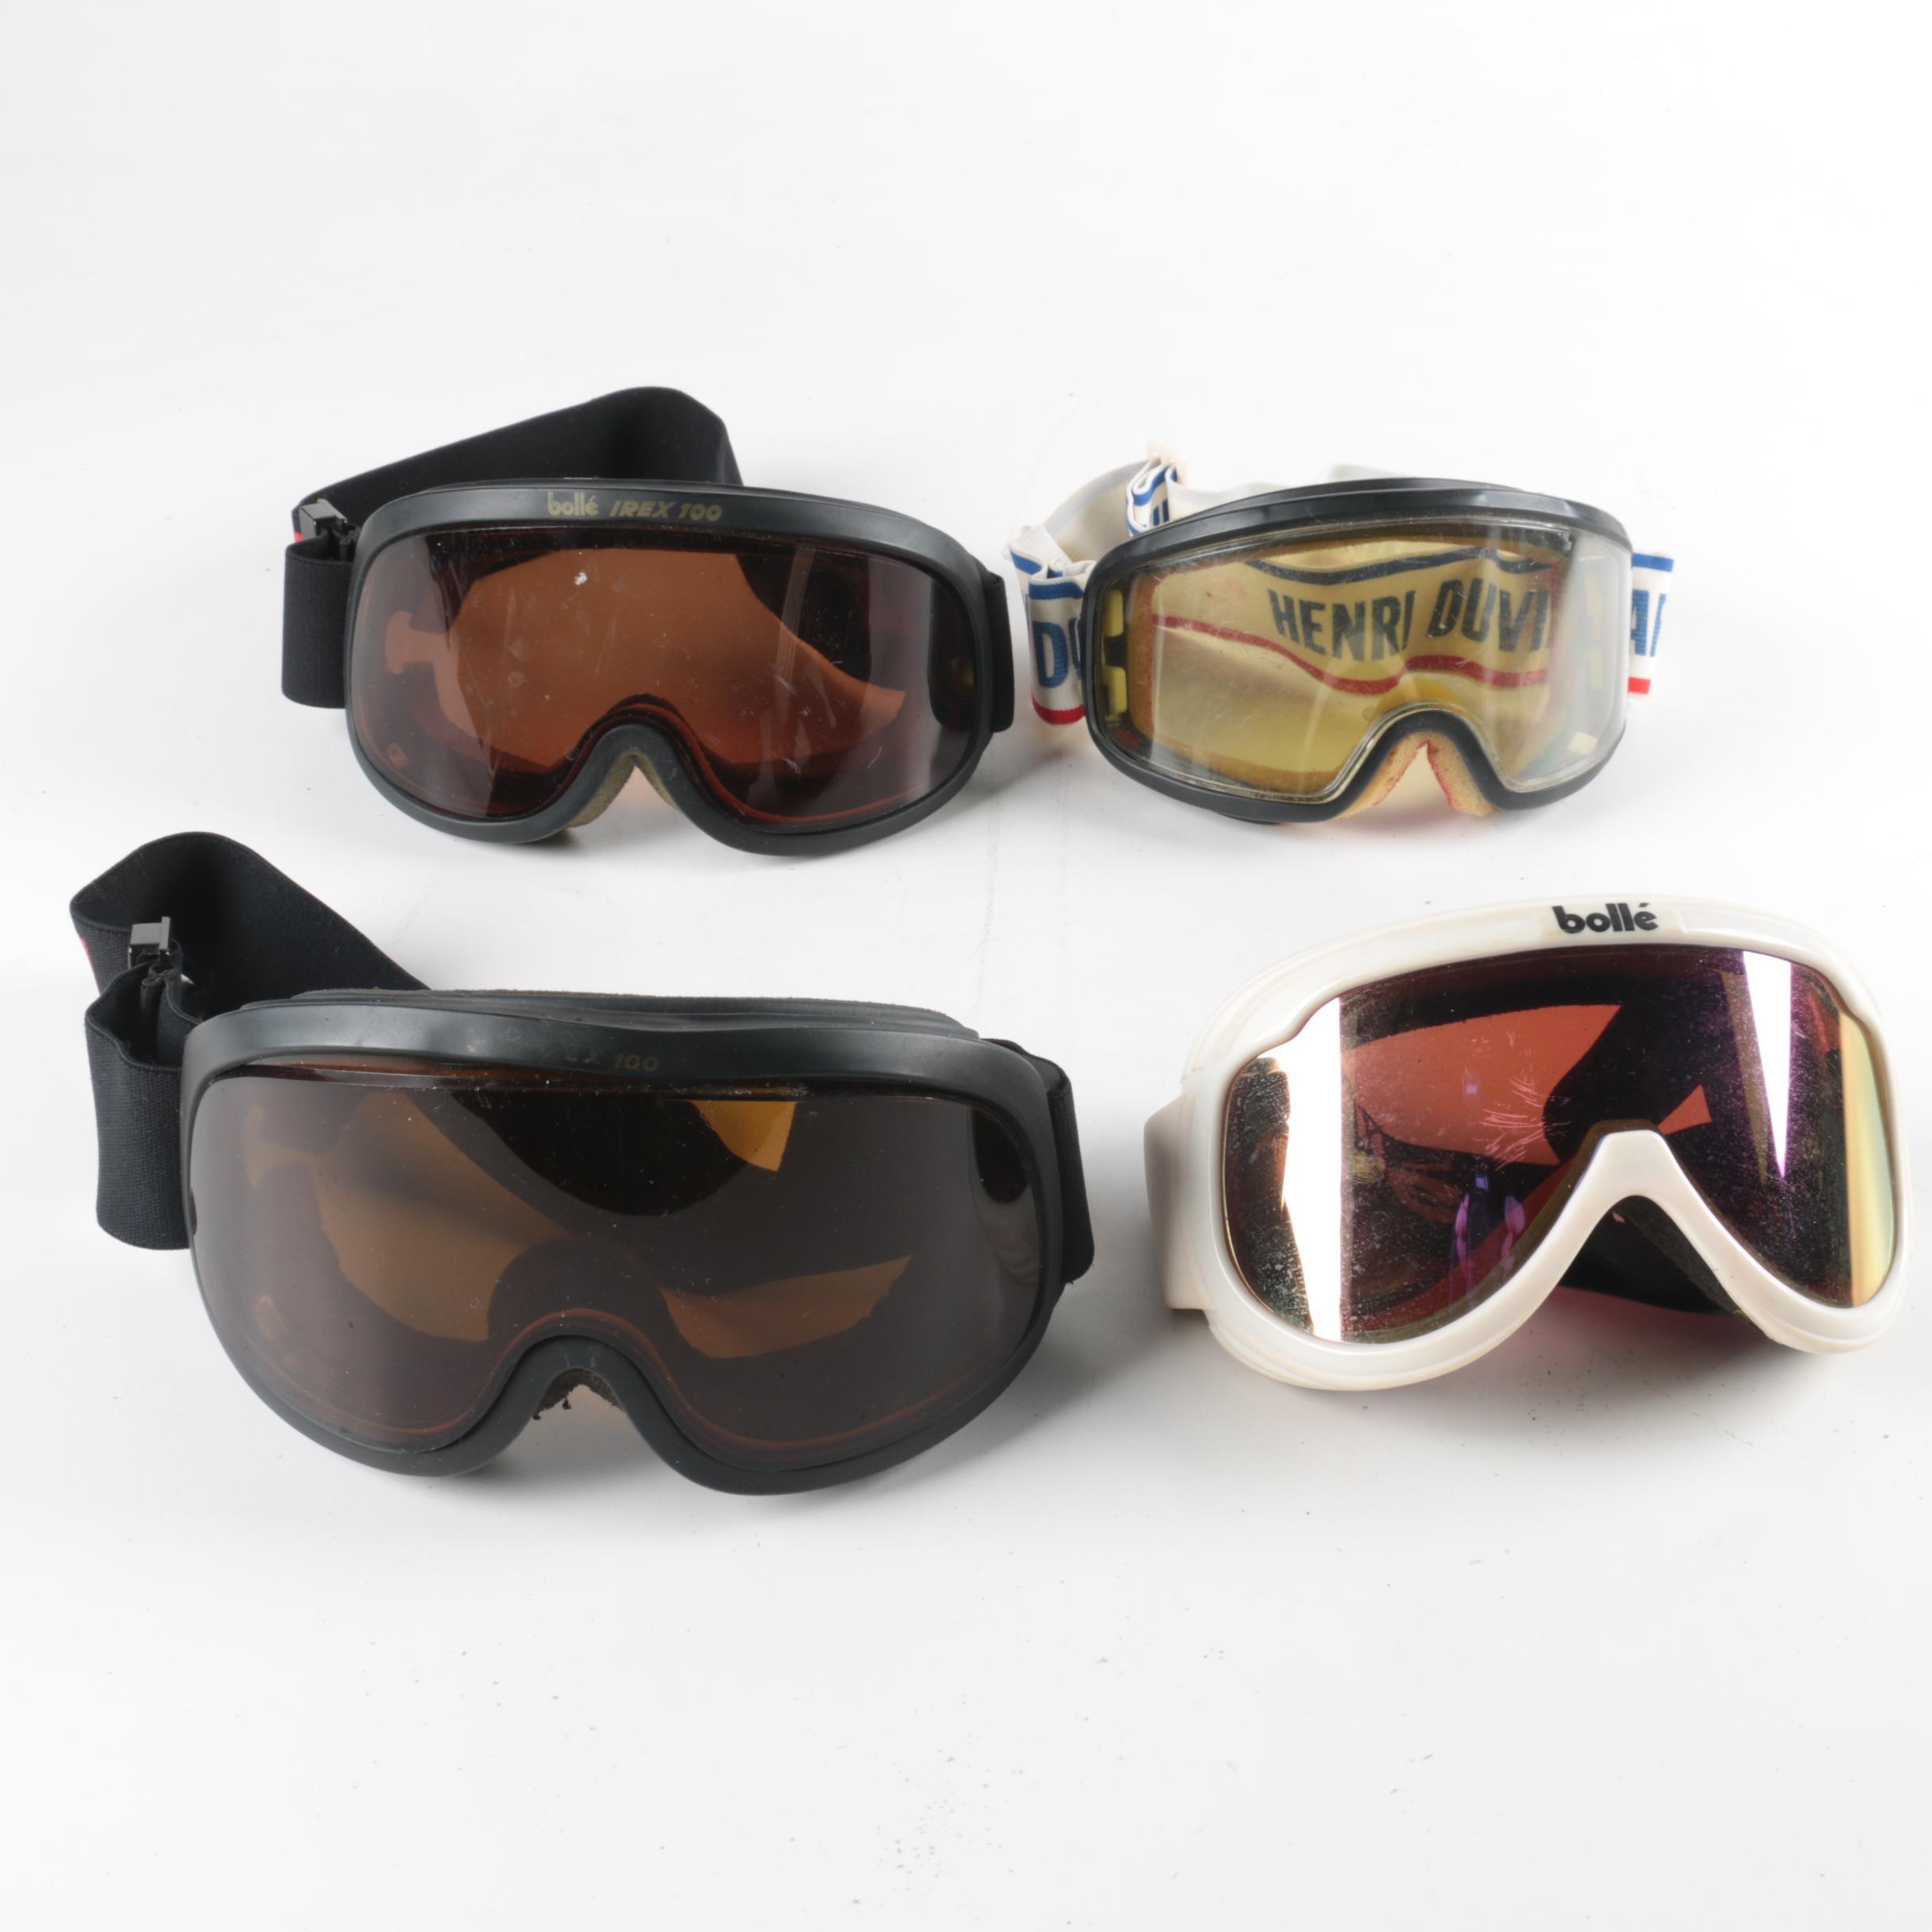 Ski Goggles featuring Bollé